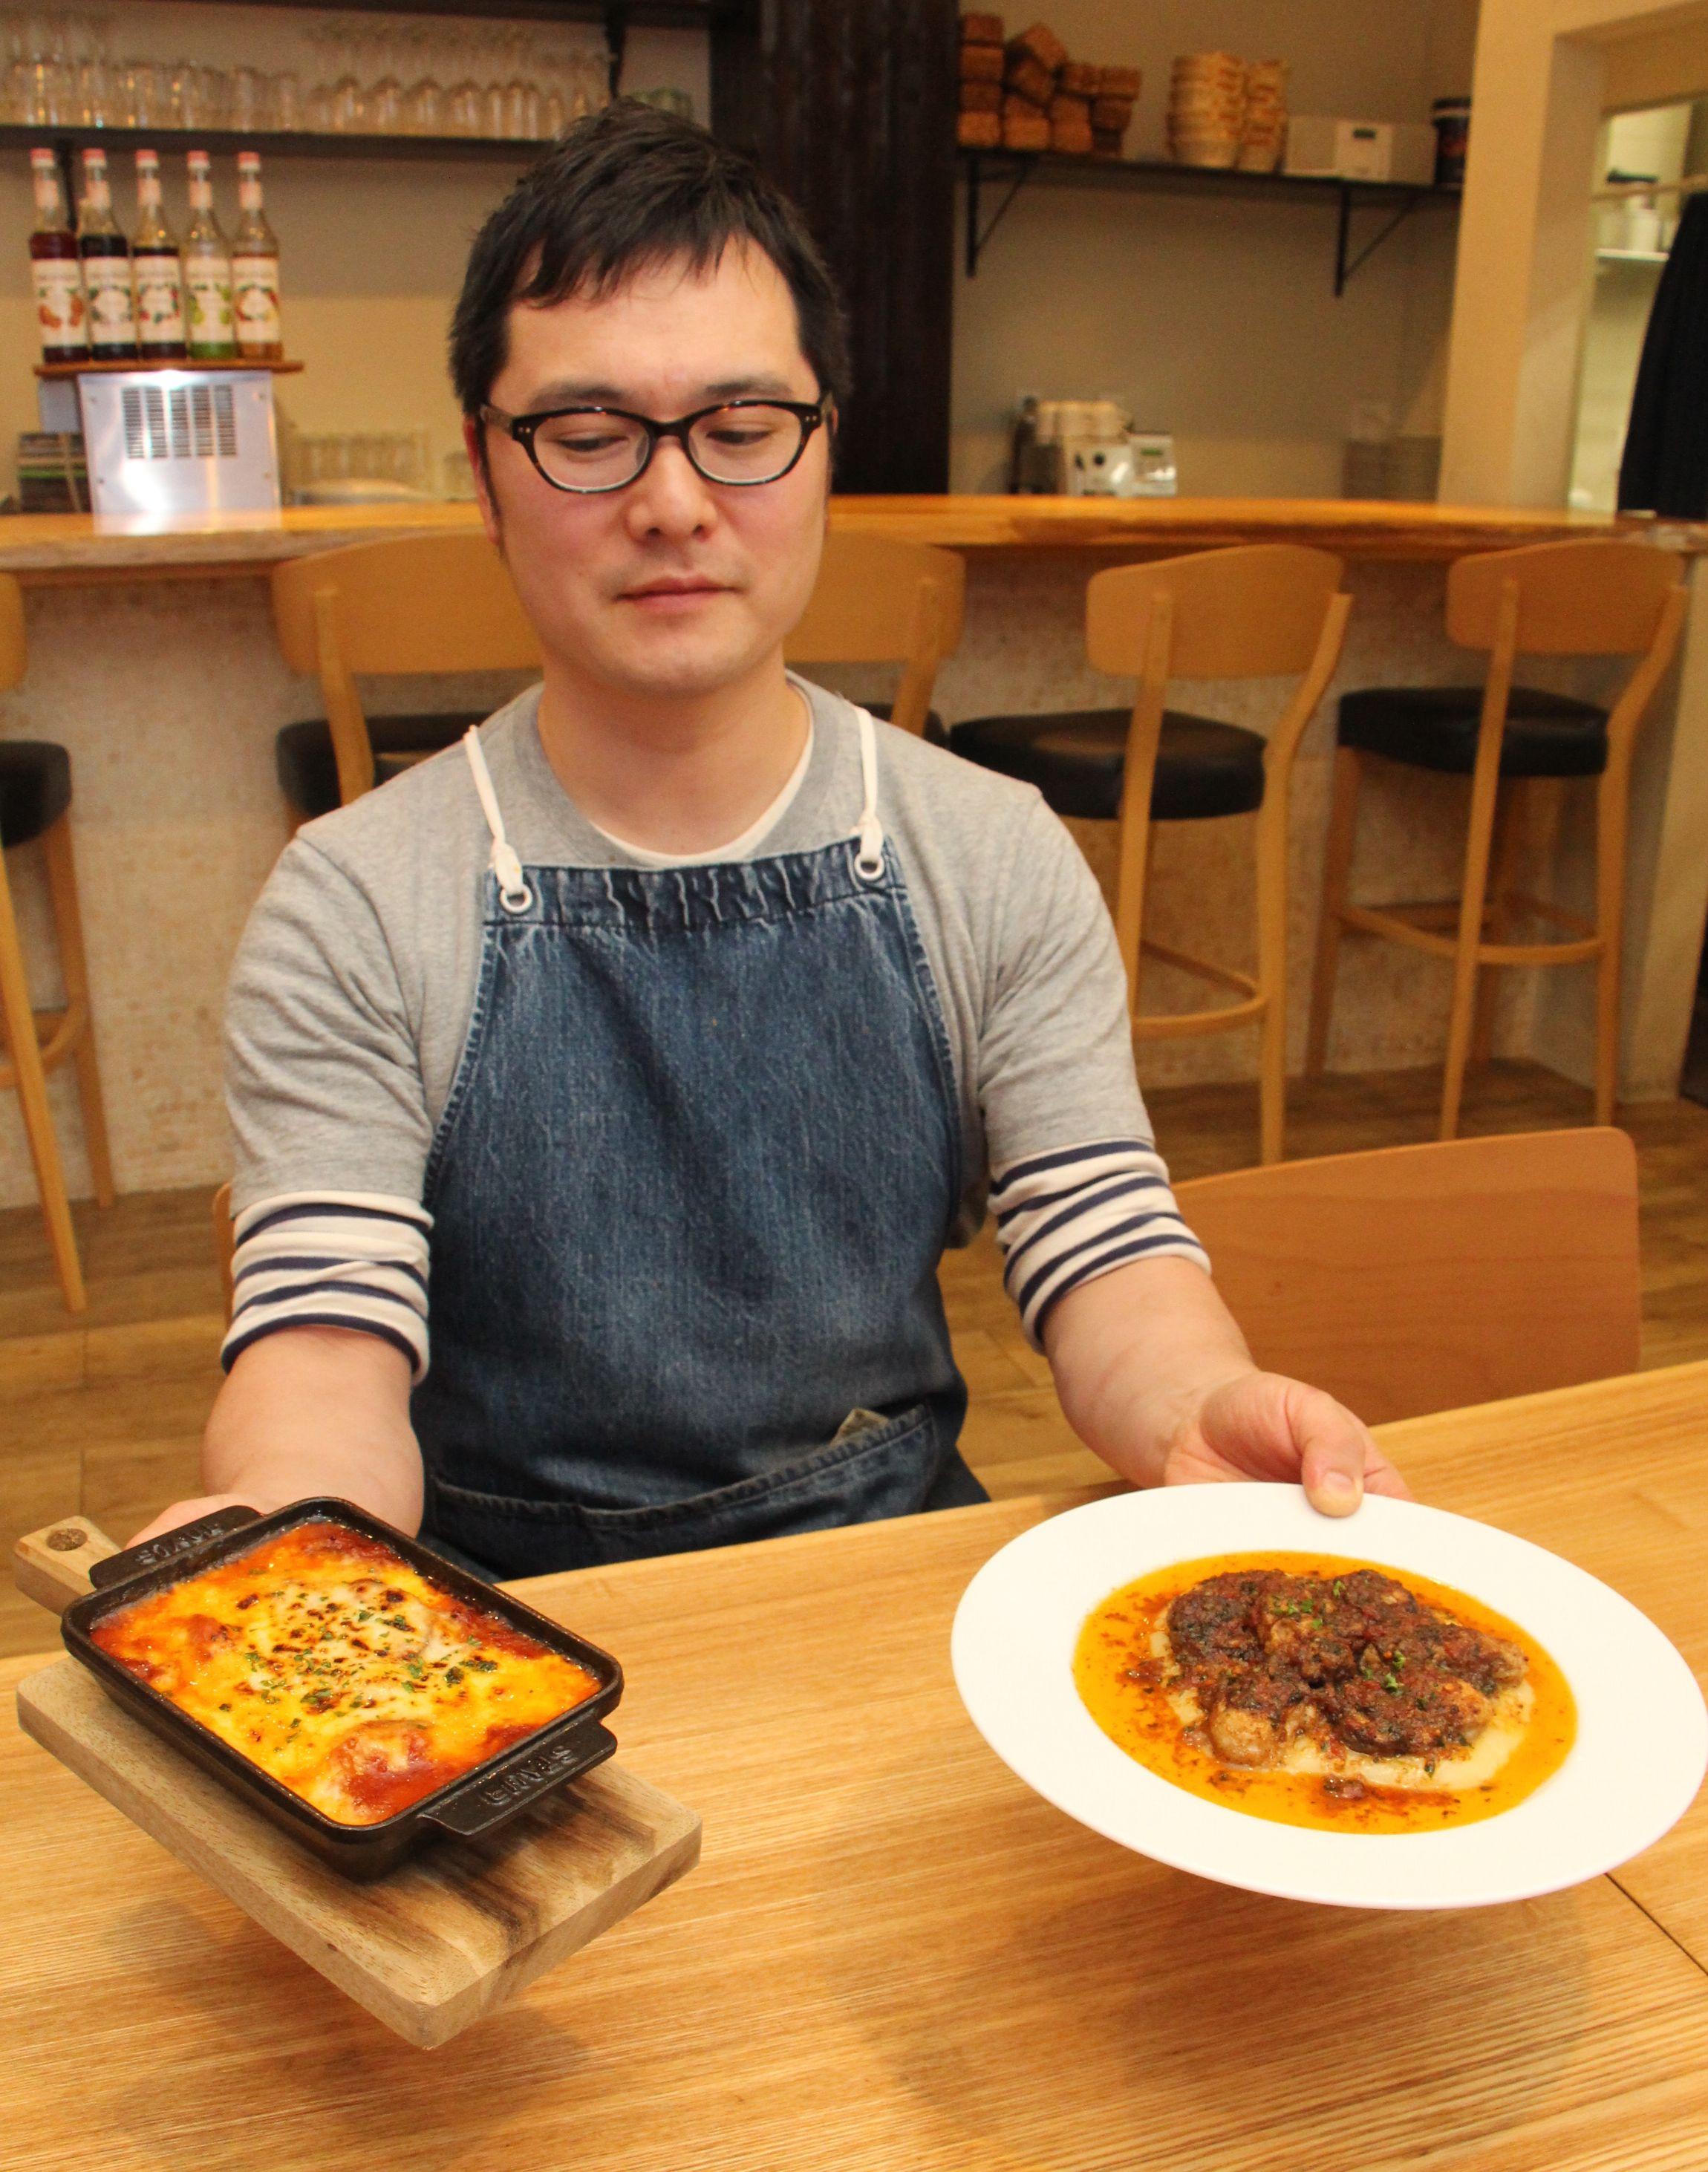 赤穂のカキを使った「赤穂カキと季節野菜のトマトソースグラタン」(左)と「赤穂カキのムニエル焦がしバターソース」=新発田市